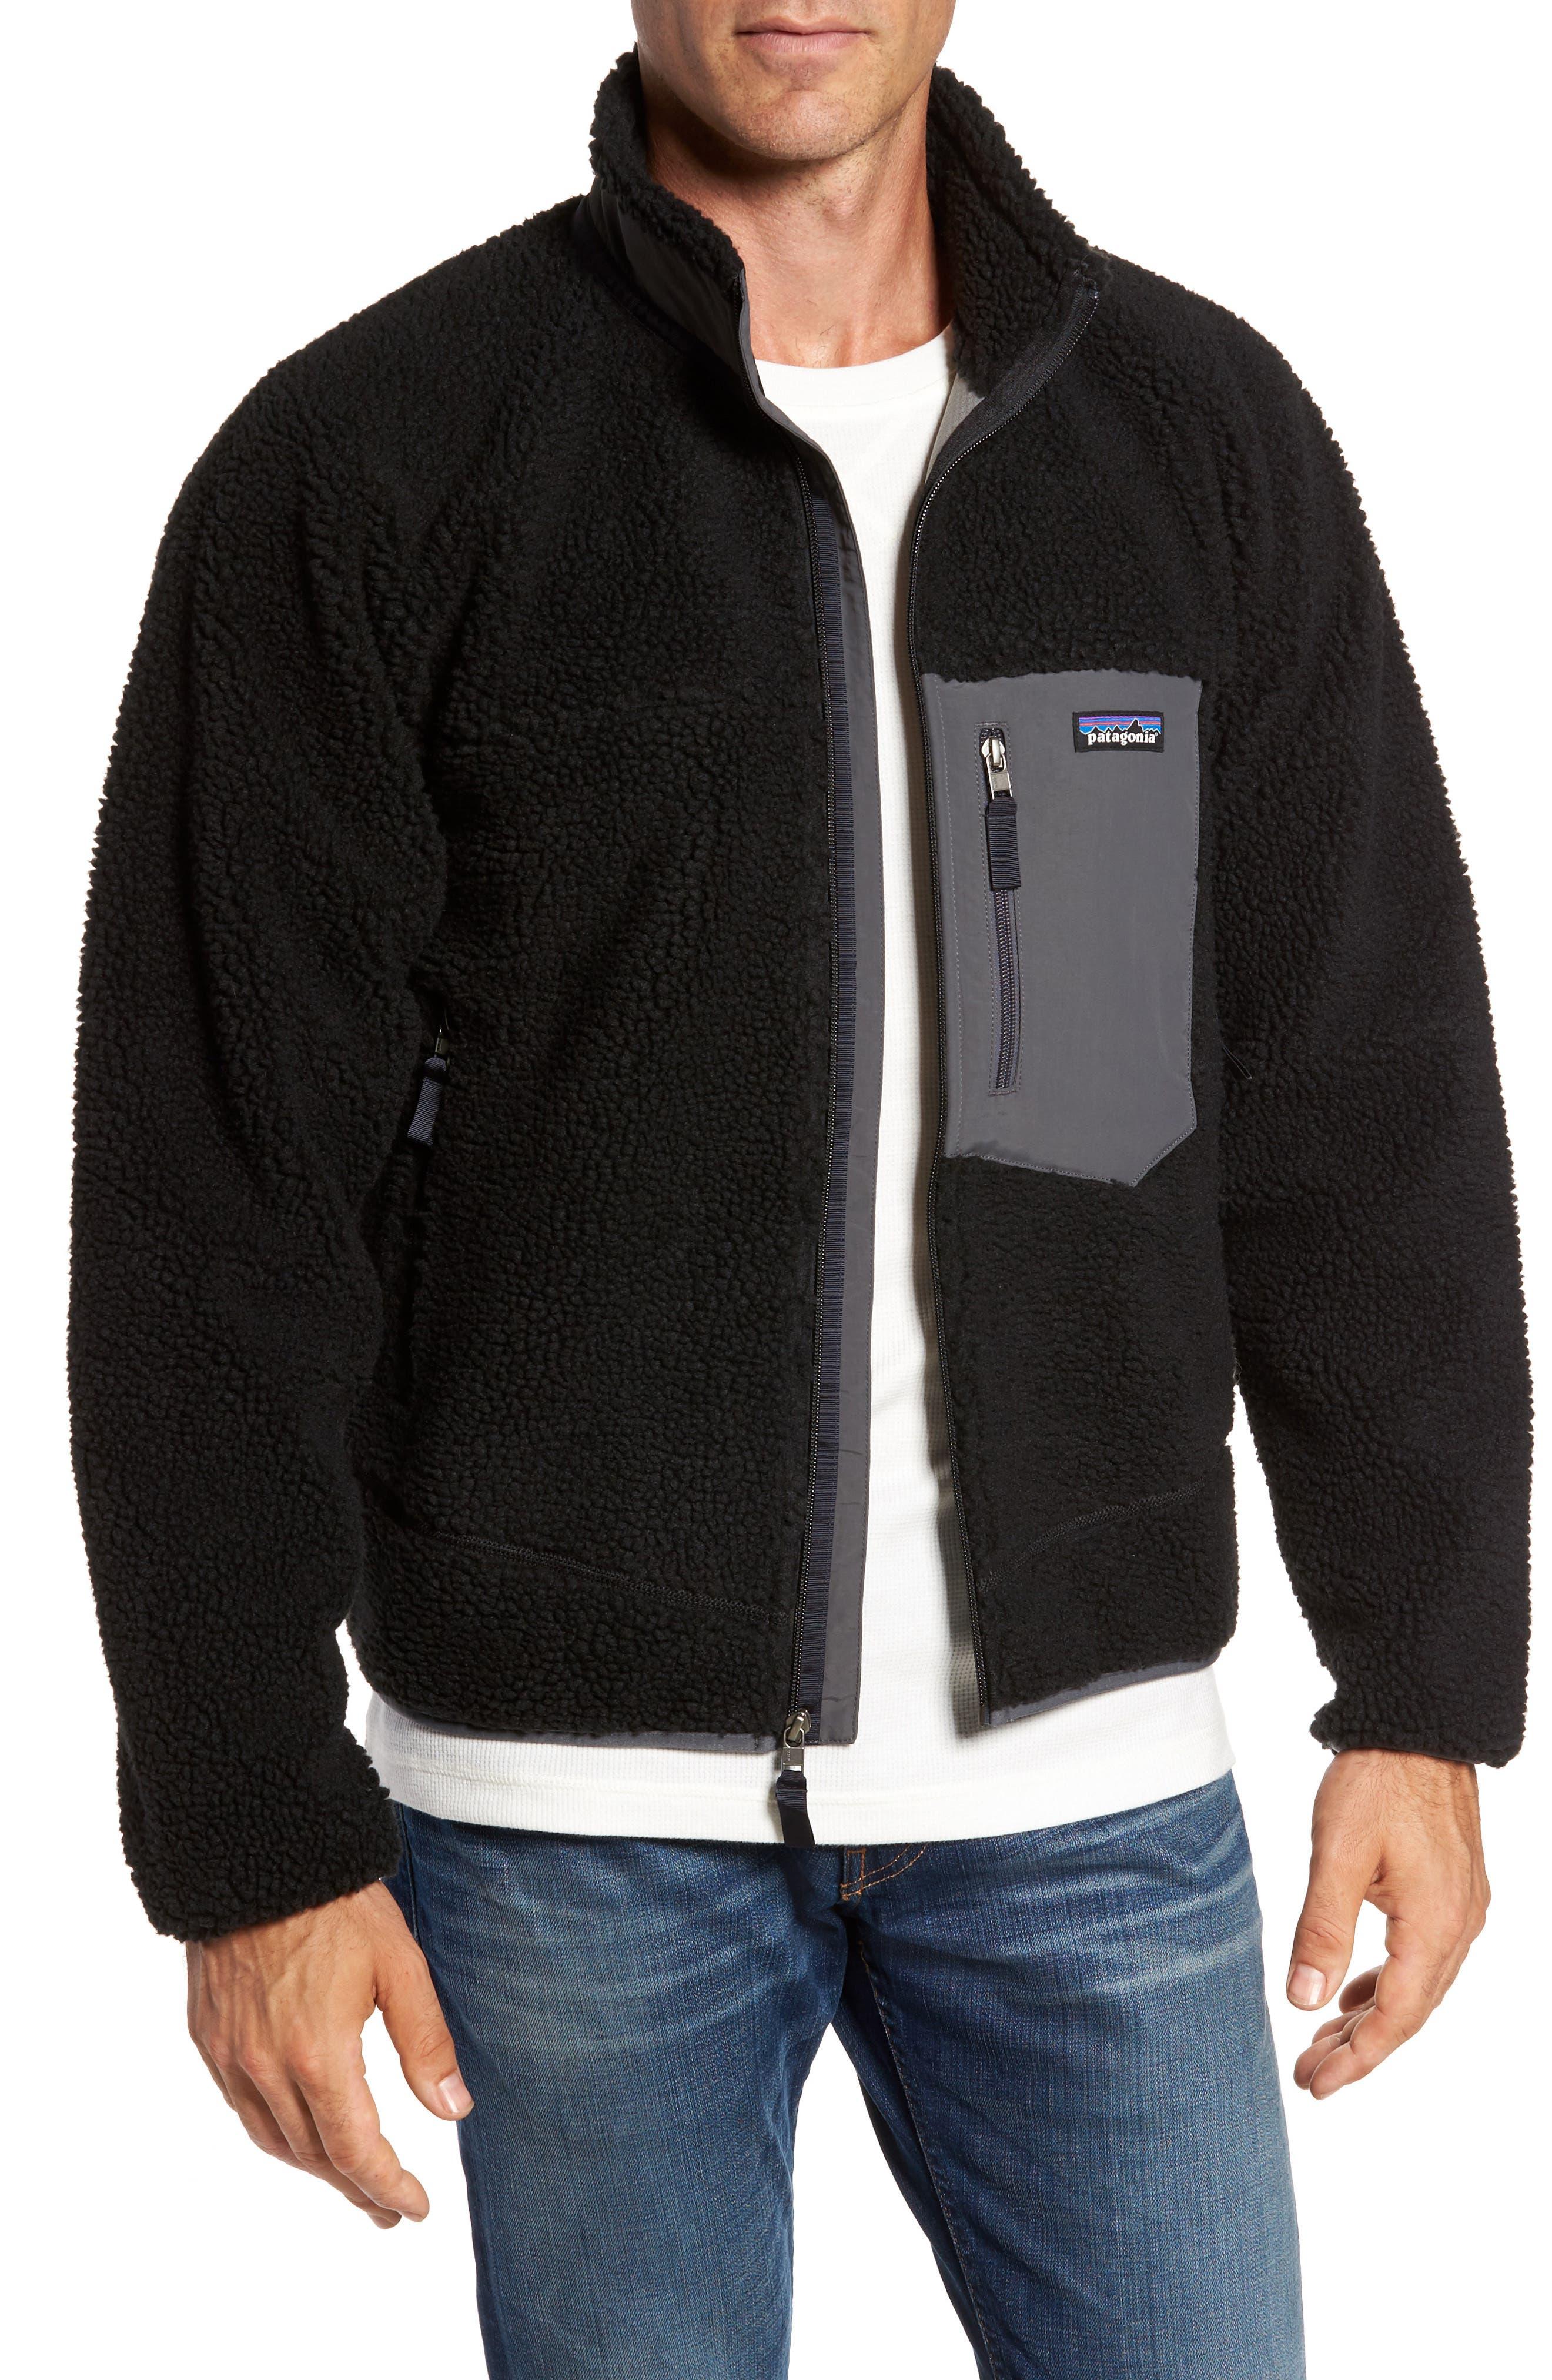 Retro-X Fleece Jacket,                         Main,                         color, 002